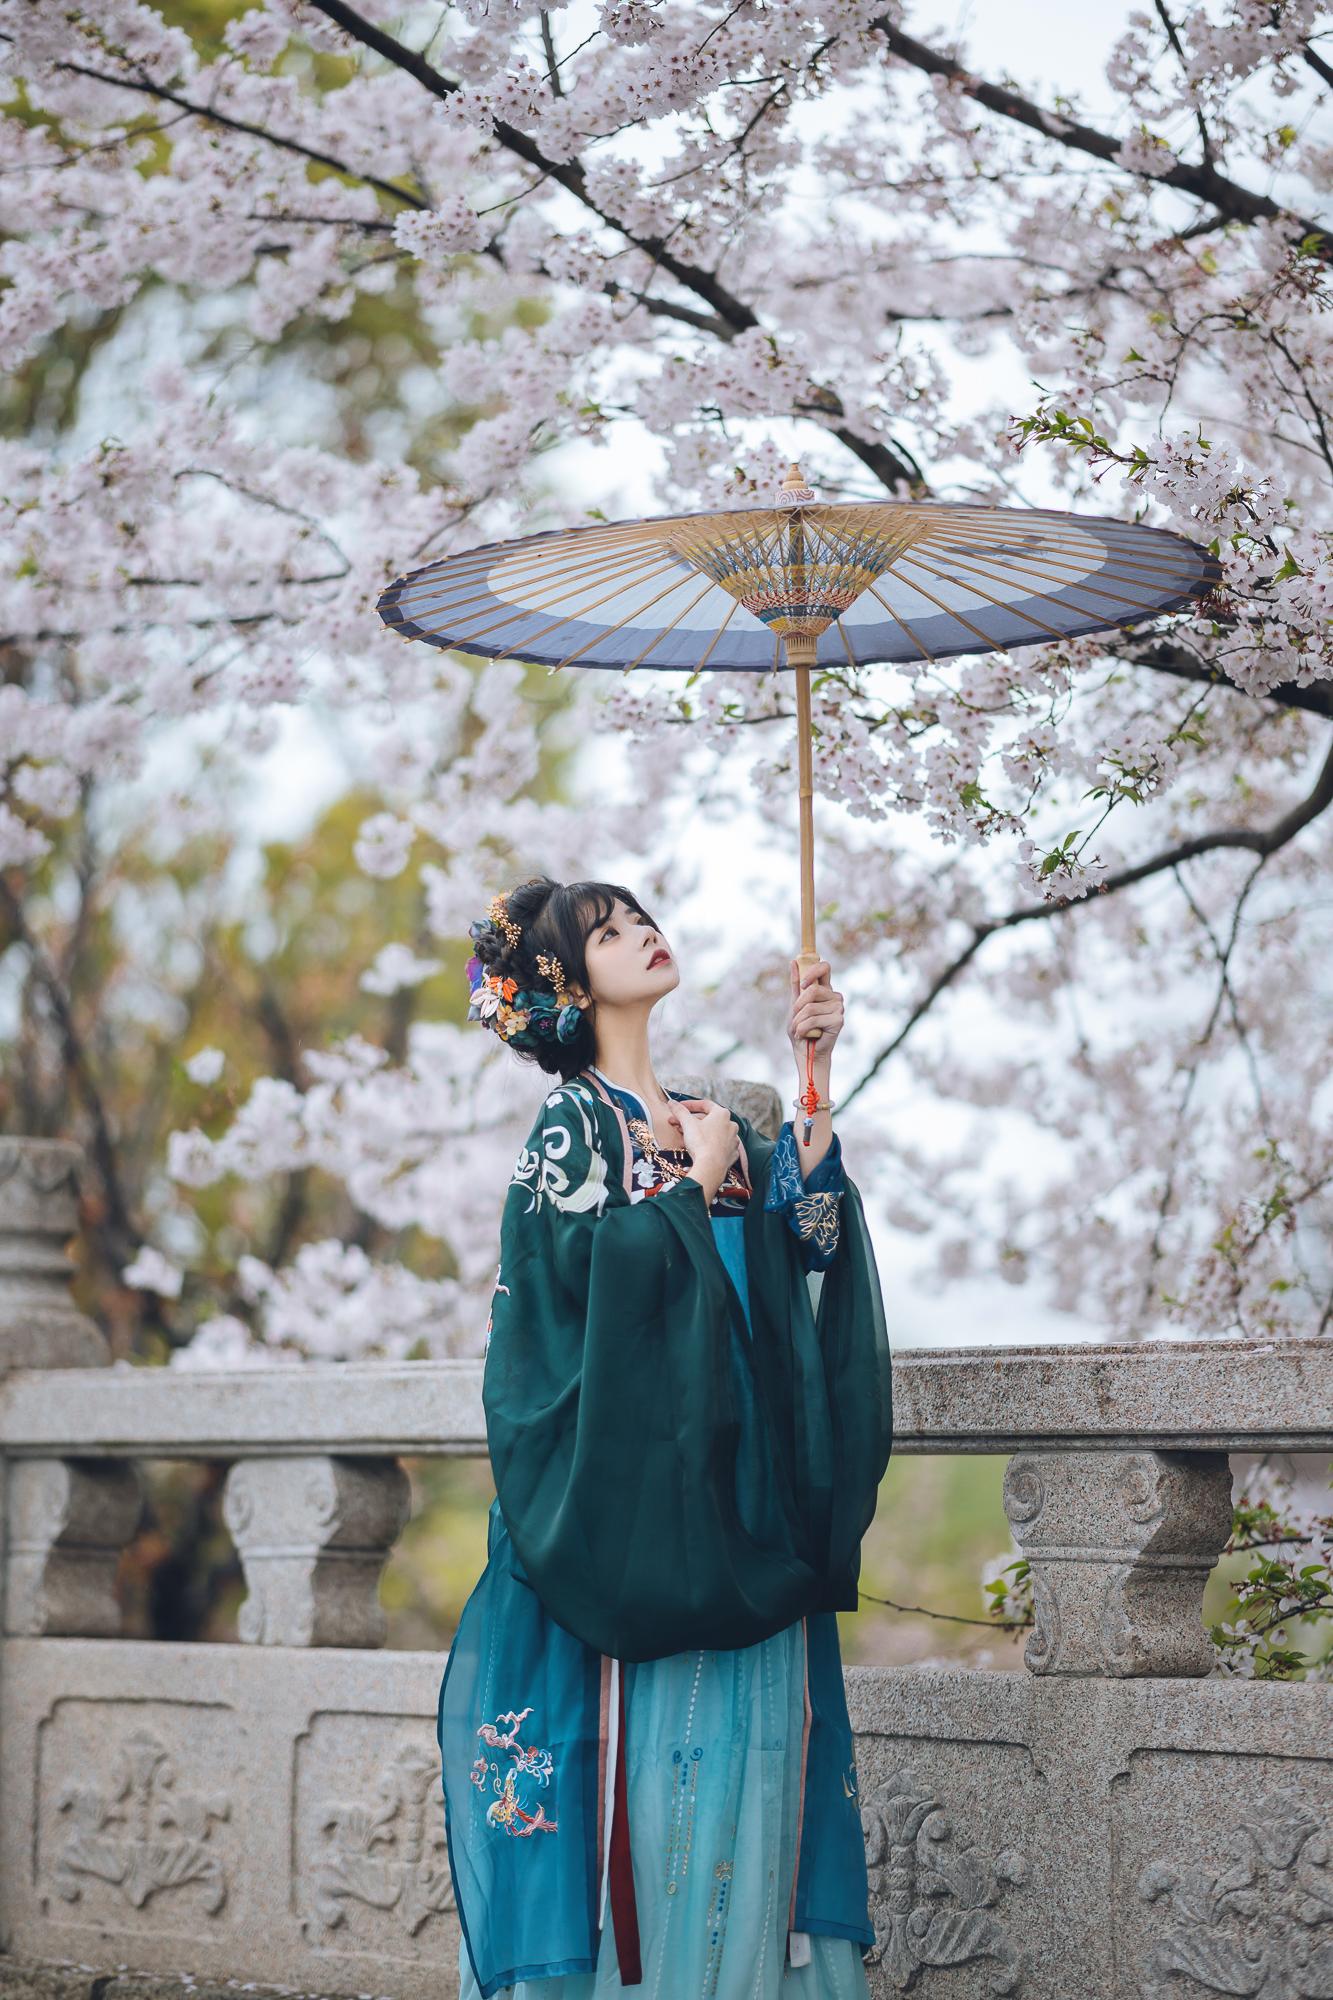 春花集 III 拍着拍着下起了雨插图(7)